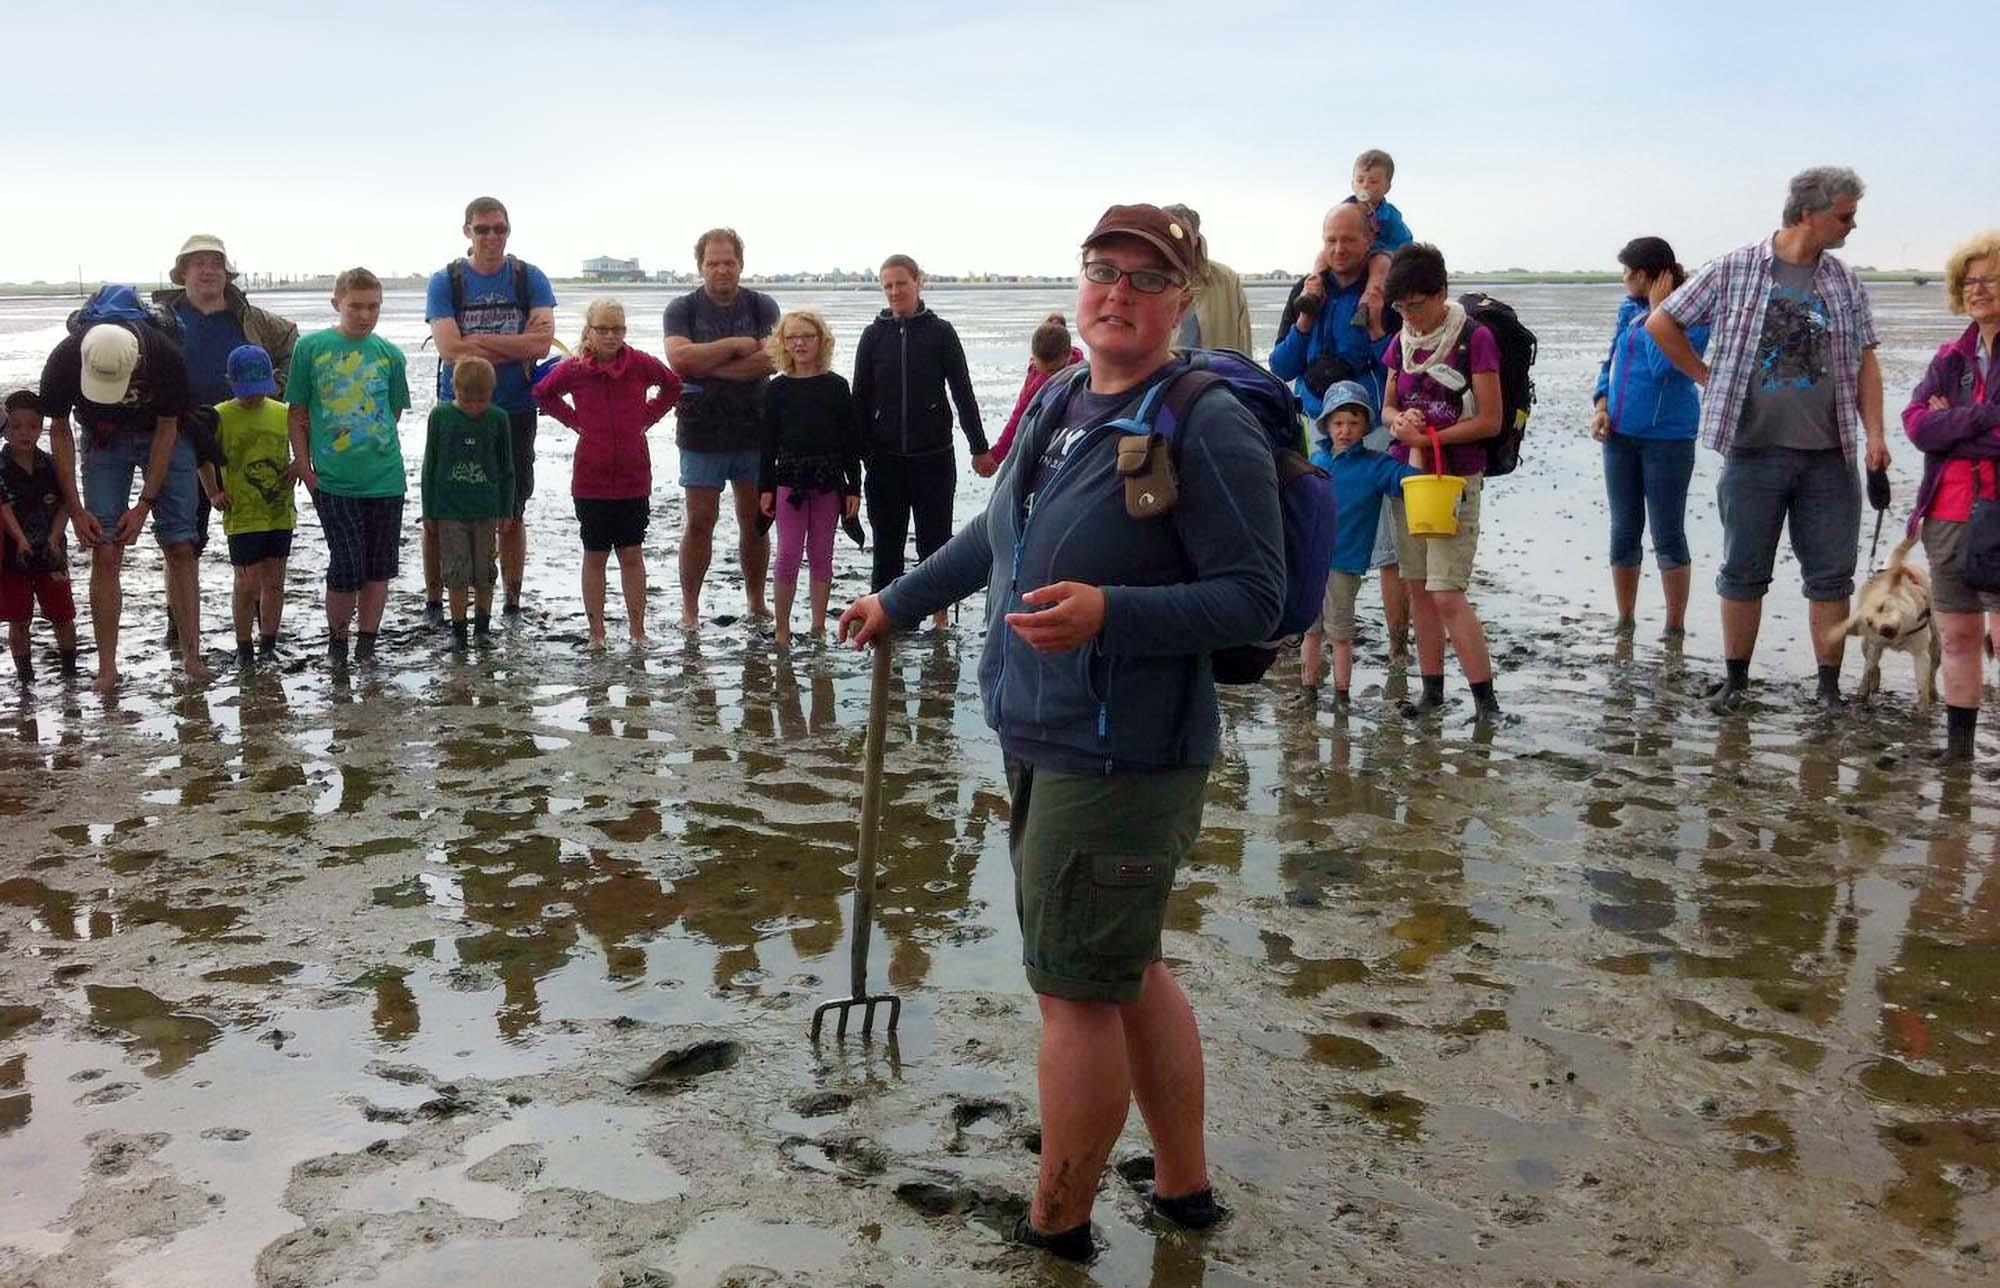 Wattführerin Martina Rieken erklärt in Nessmersiel neugierigen Teilnehmern einer Familienwattwanderung Dinge über das Wattenmeer